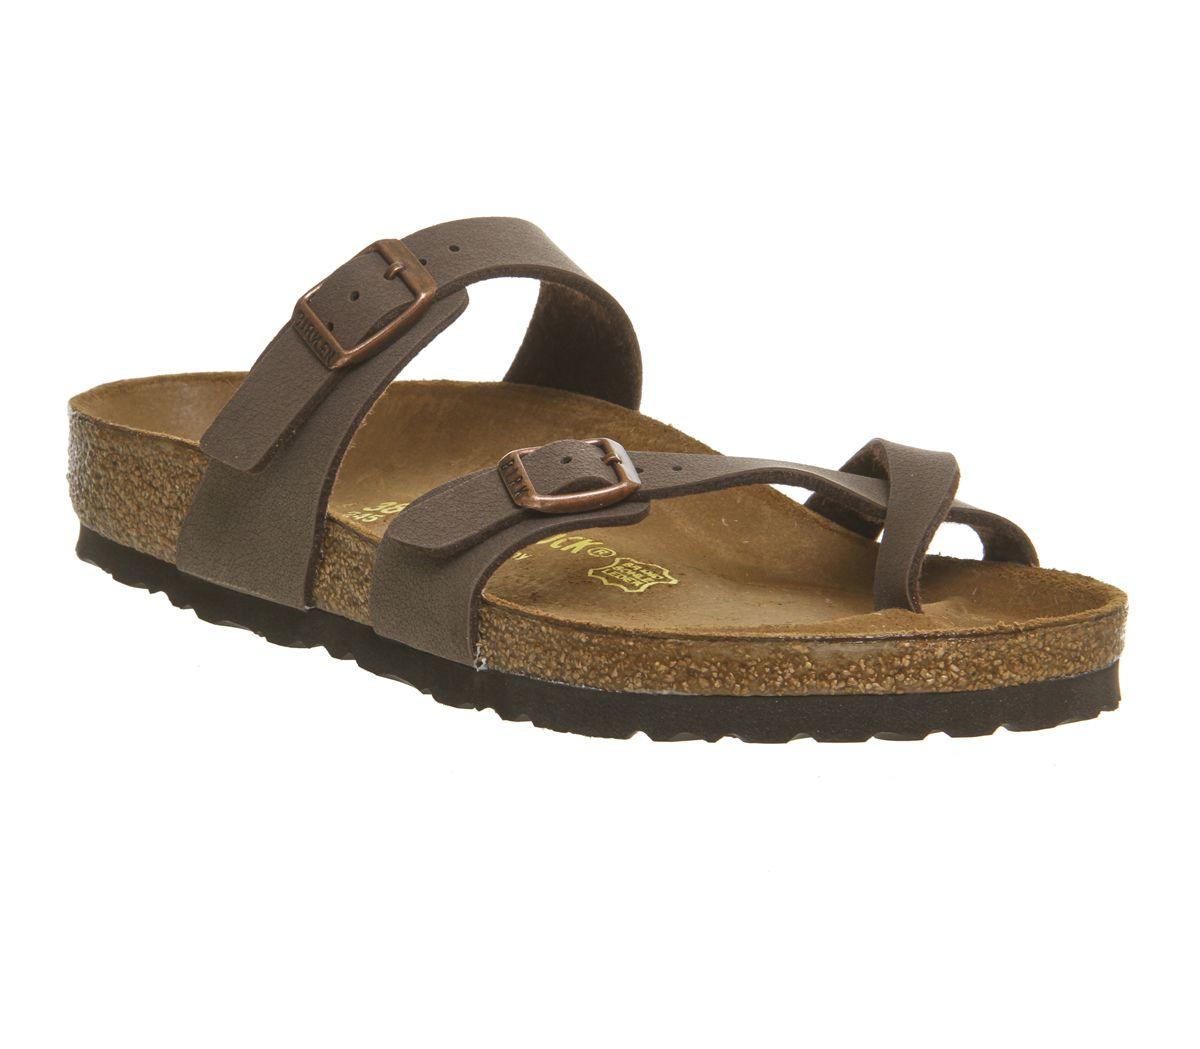 1a1e02f8161 Birkenstock Mayari Cross Strap Sandals Mocha - Sandals